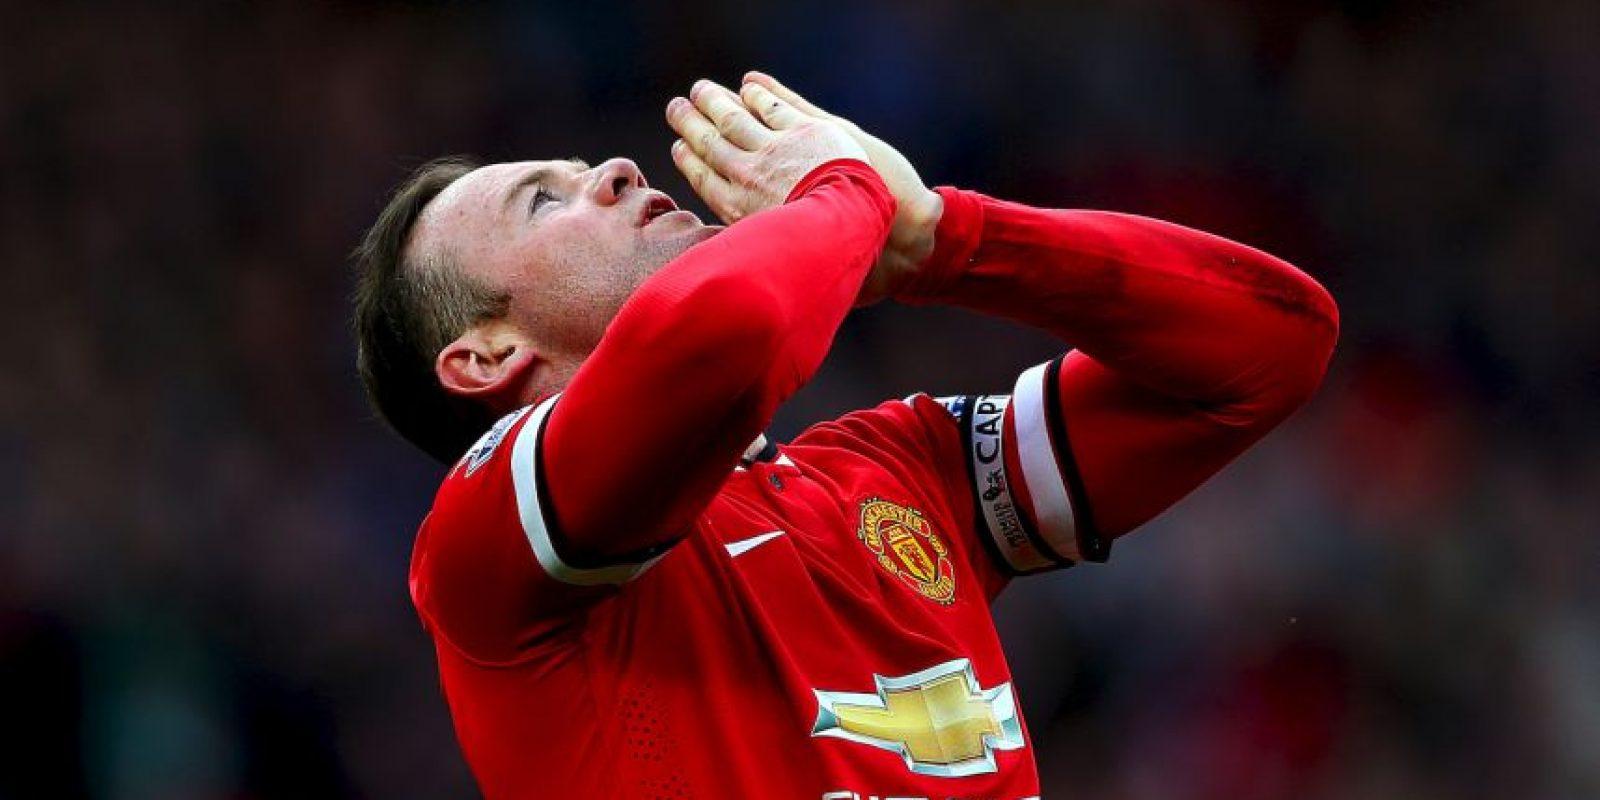 La figura del equipo, Wayne Rooney, se involucró en un escándalo cuando Jennifer Thompson, una prostituta inglesa de 21 años, reveló haber mantenido relaciones sexuales con él por siete veces en cuatro meses. Foto:Getty Images